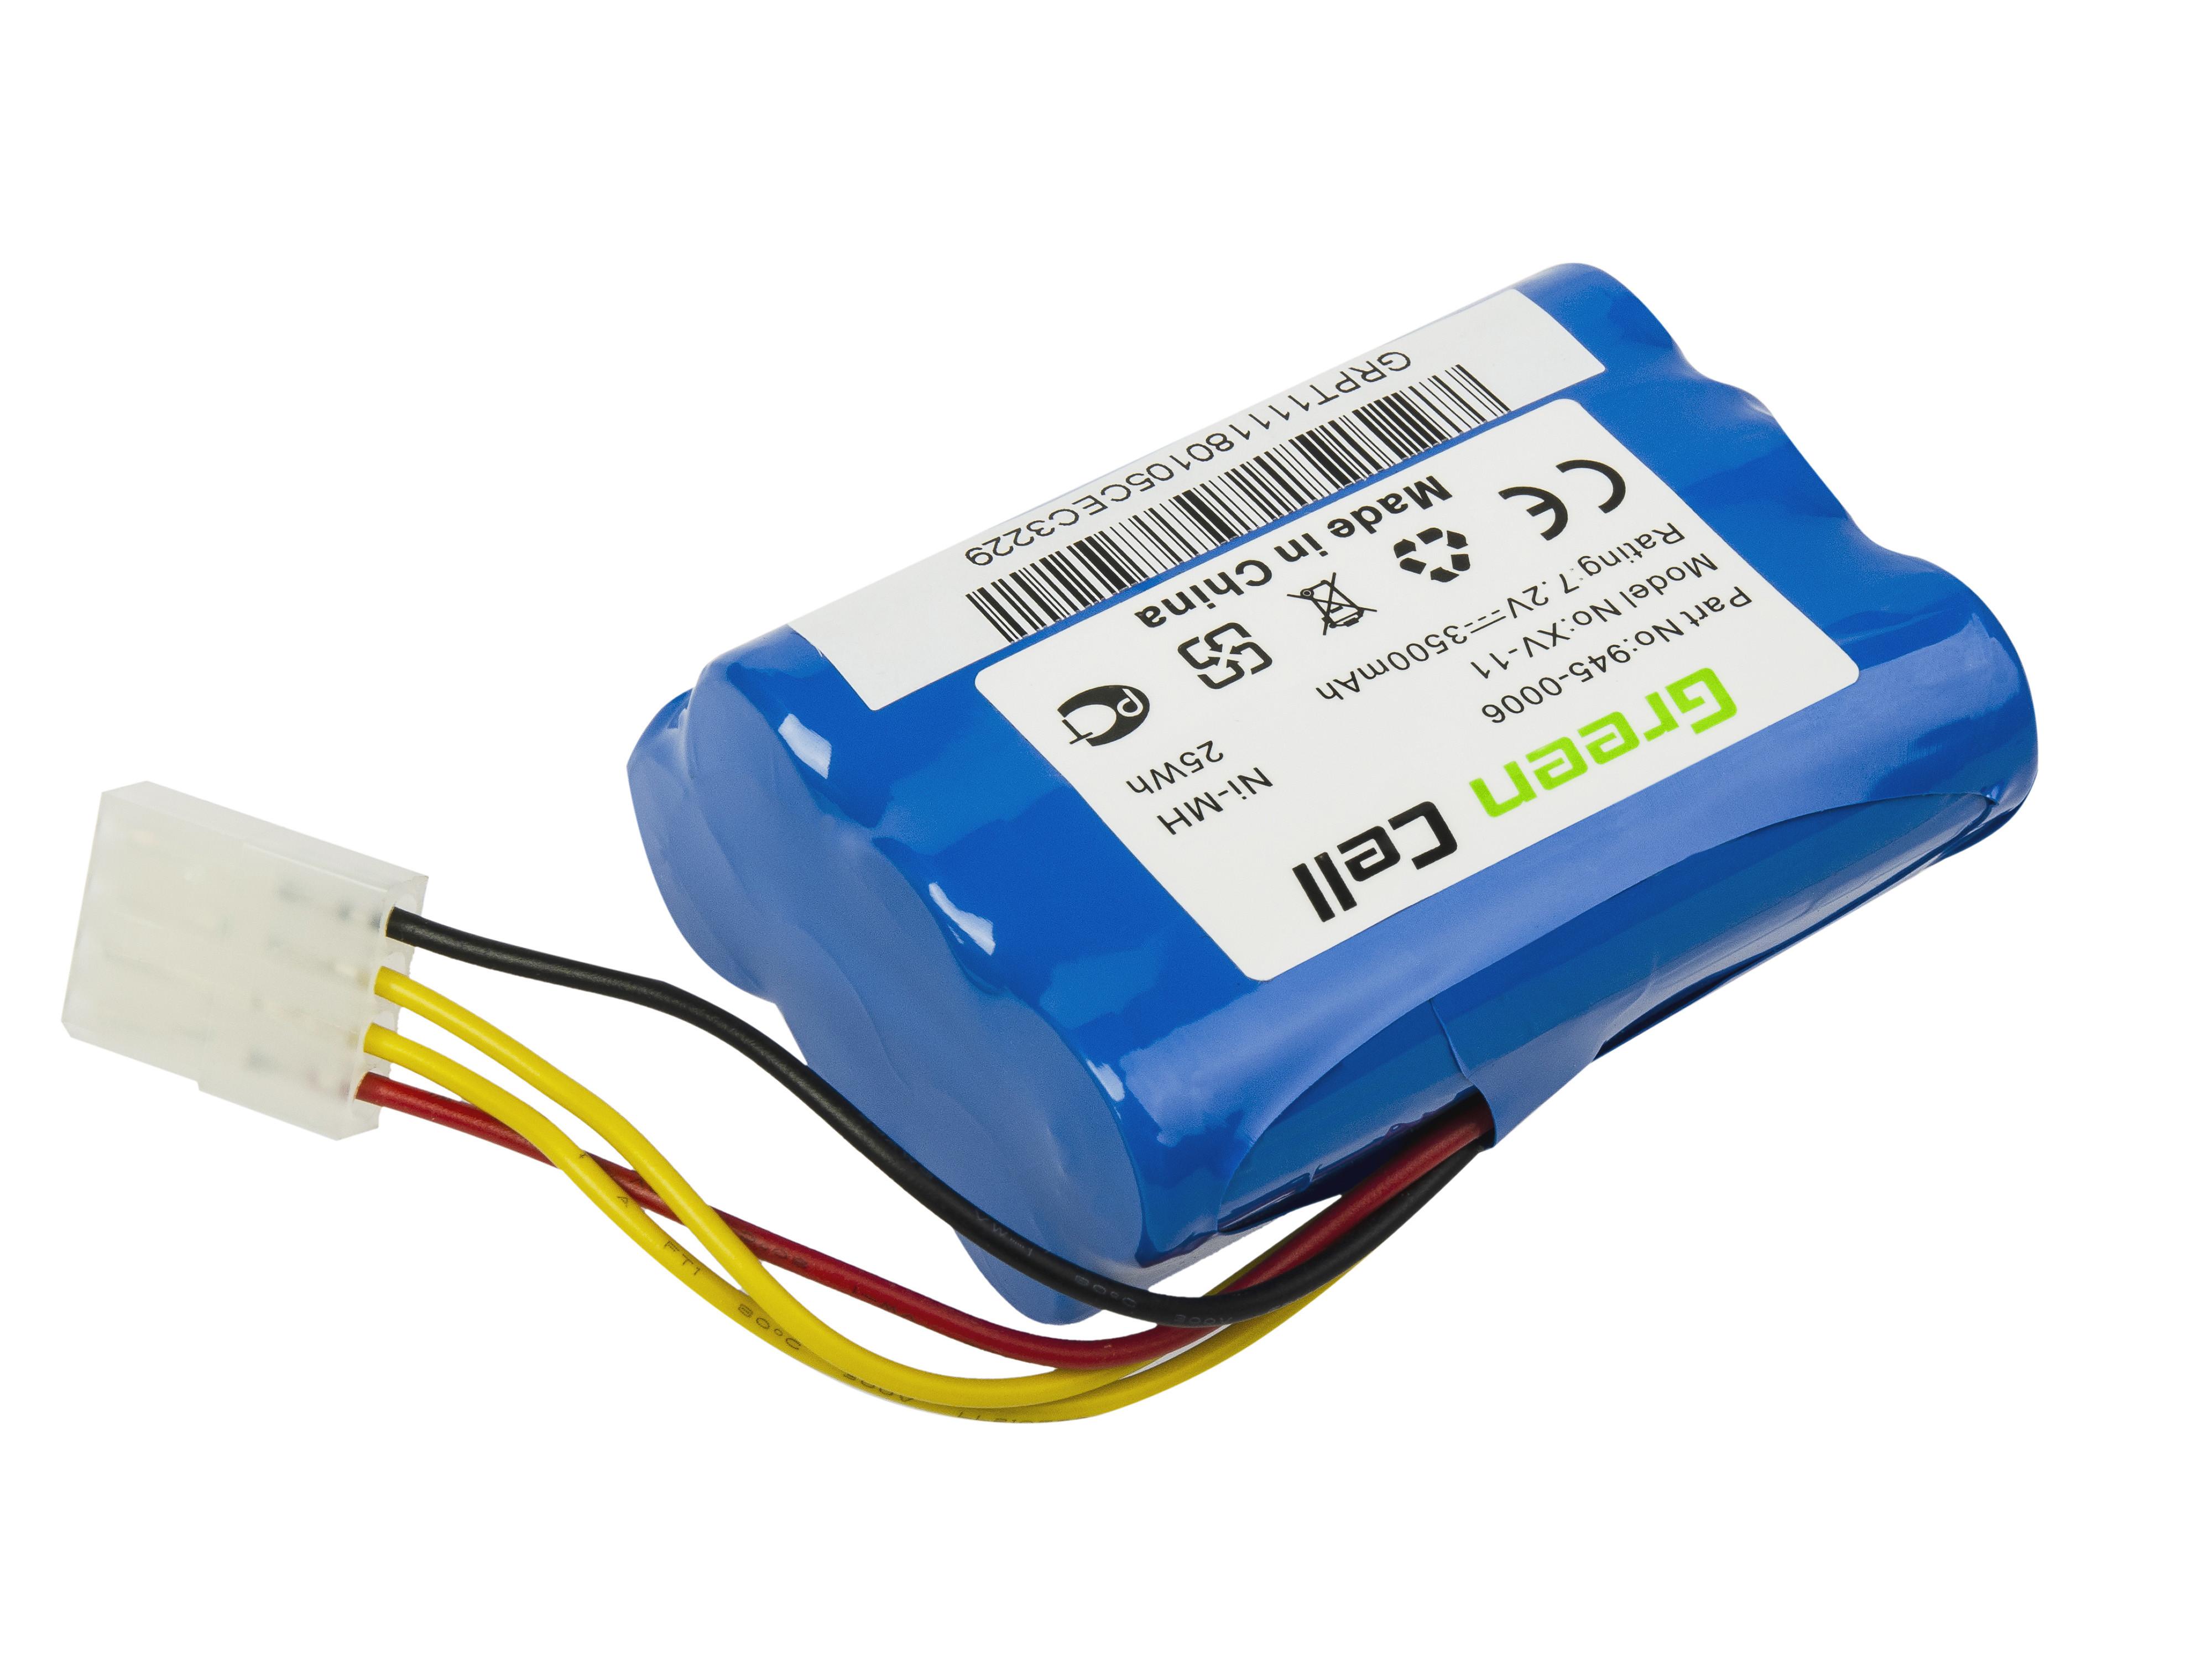 Green Cell Power Tool Battery for Neato 945-0006 XV-11 XV-12 XV-21 XV-25 7.2V 3.5Ah